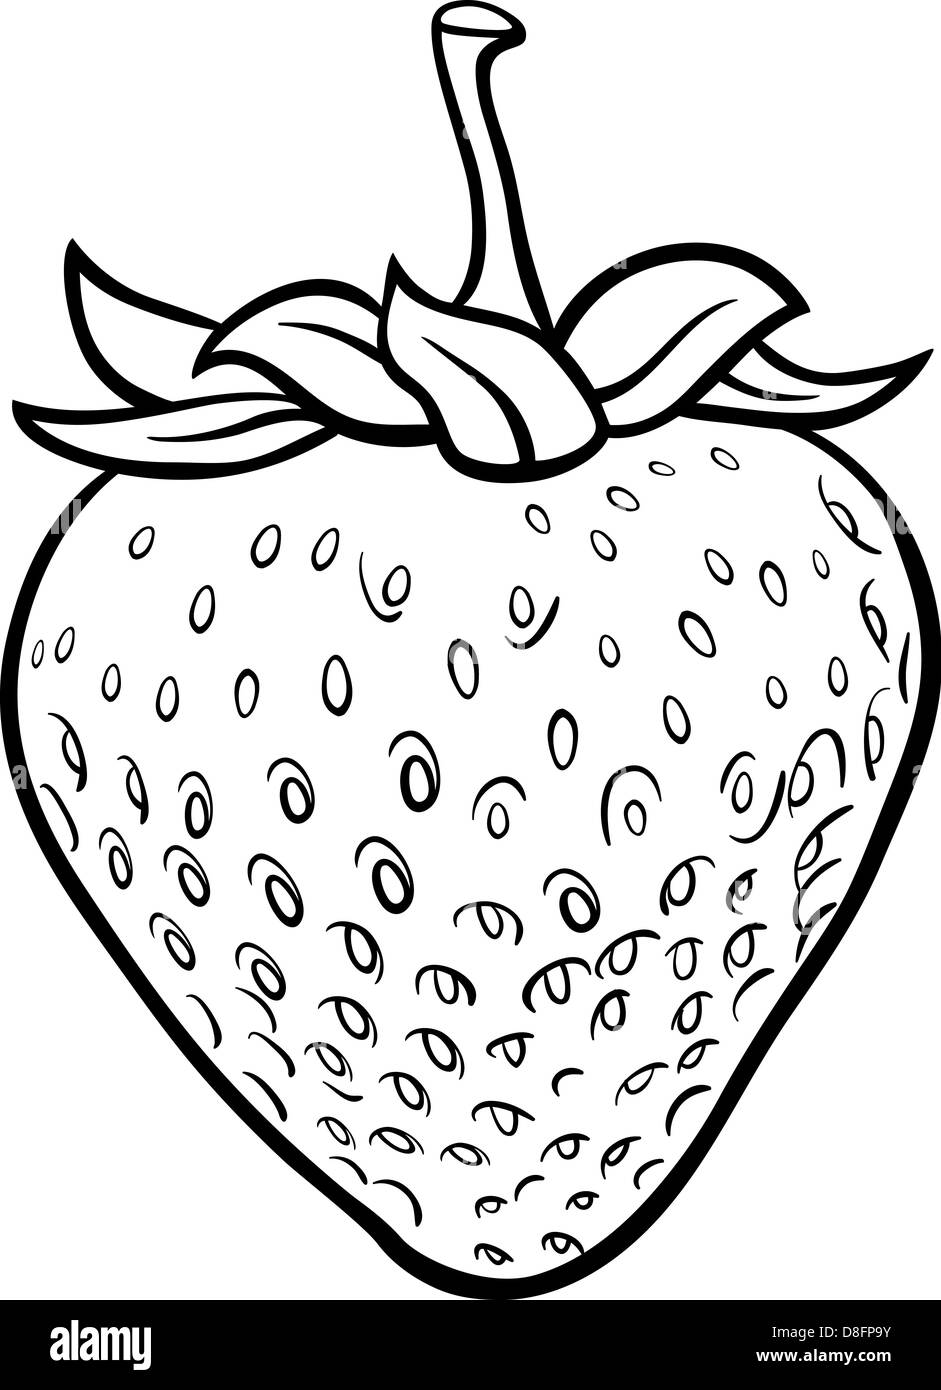 Schwarz Weiss Cartoon Illustration Der Erdbeere Frucht Essen Objekt